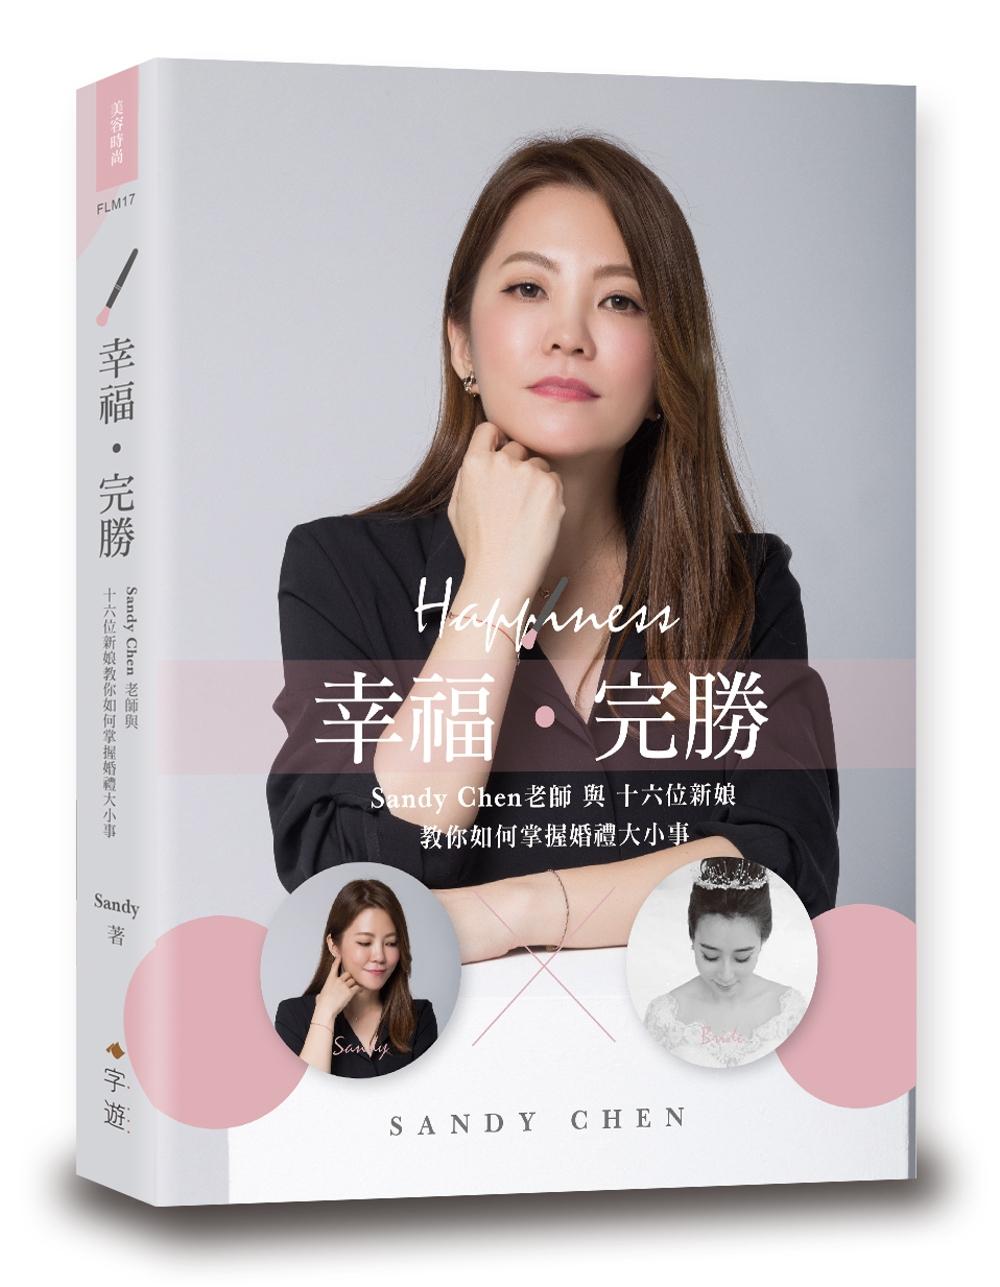 幸福‧完勝 Sandy Chen老師與十六位新娘教你如何掌握婚禮大小事